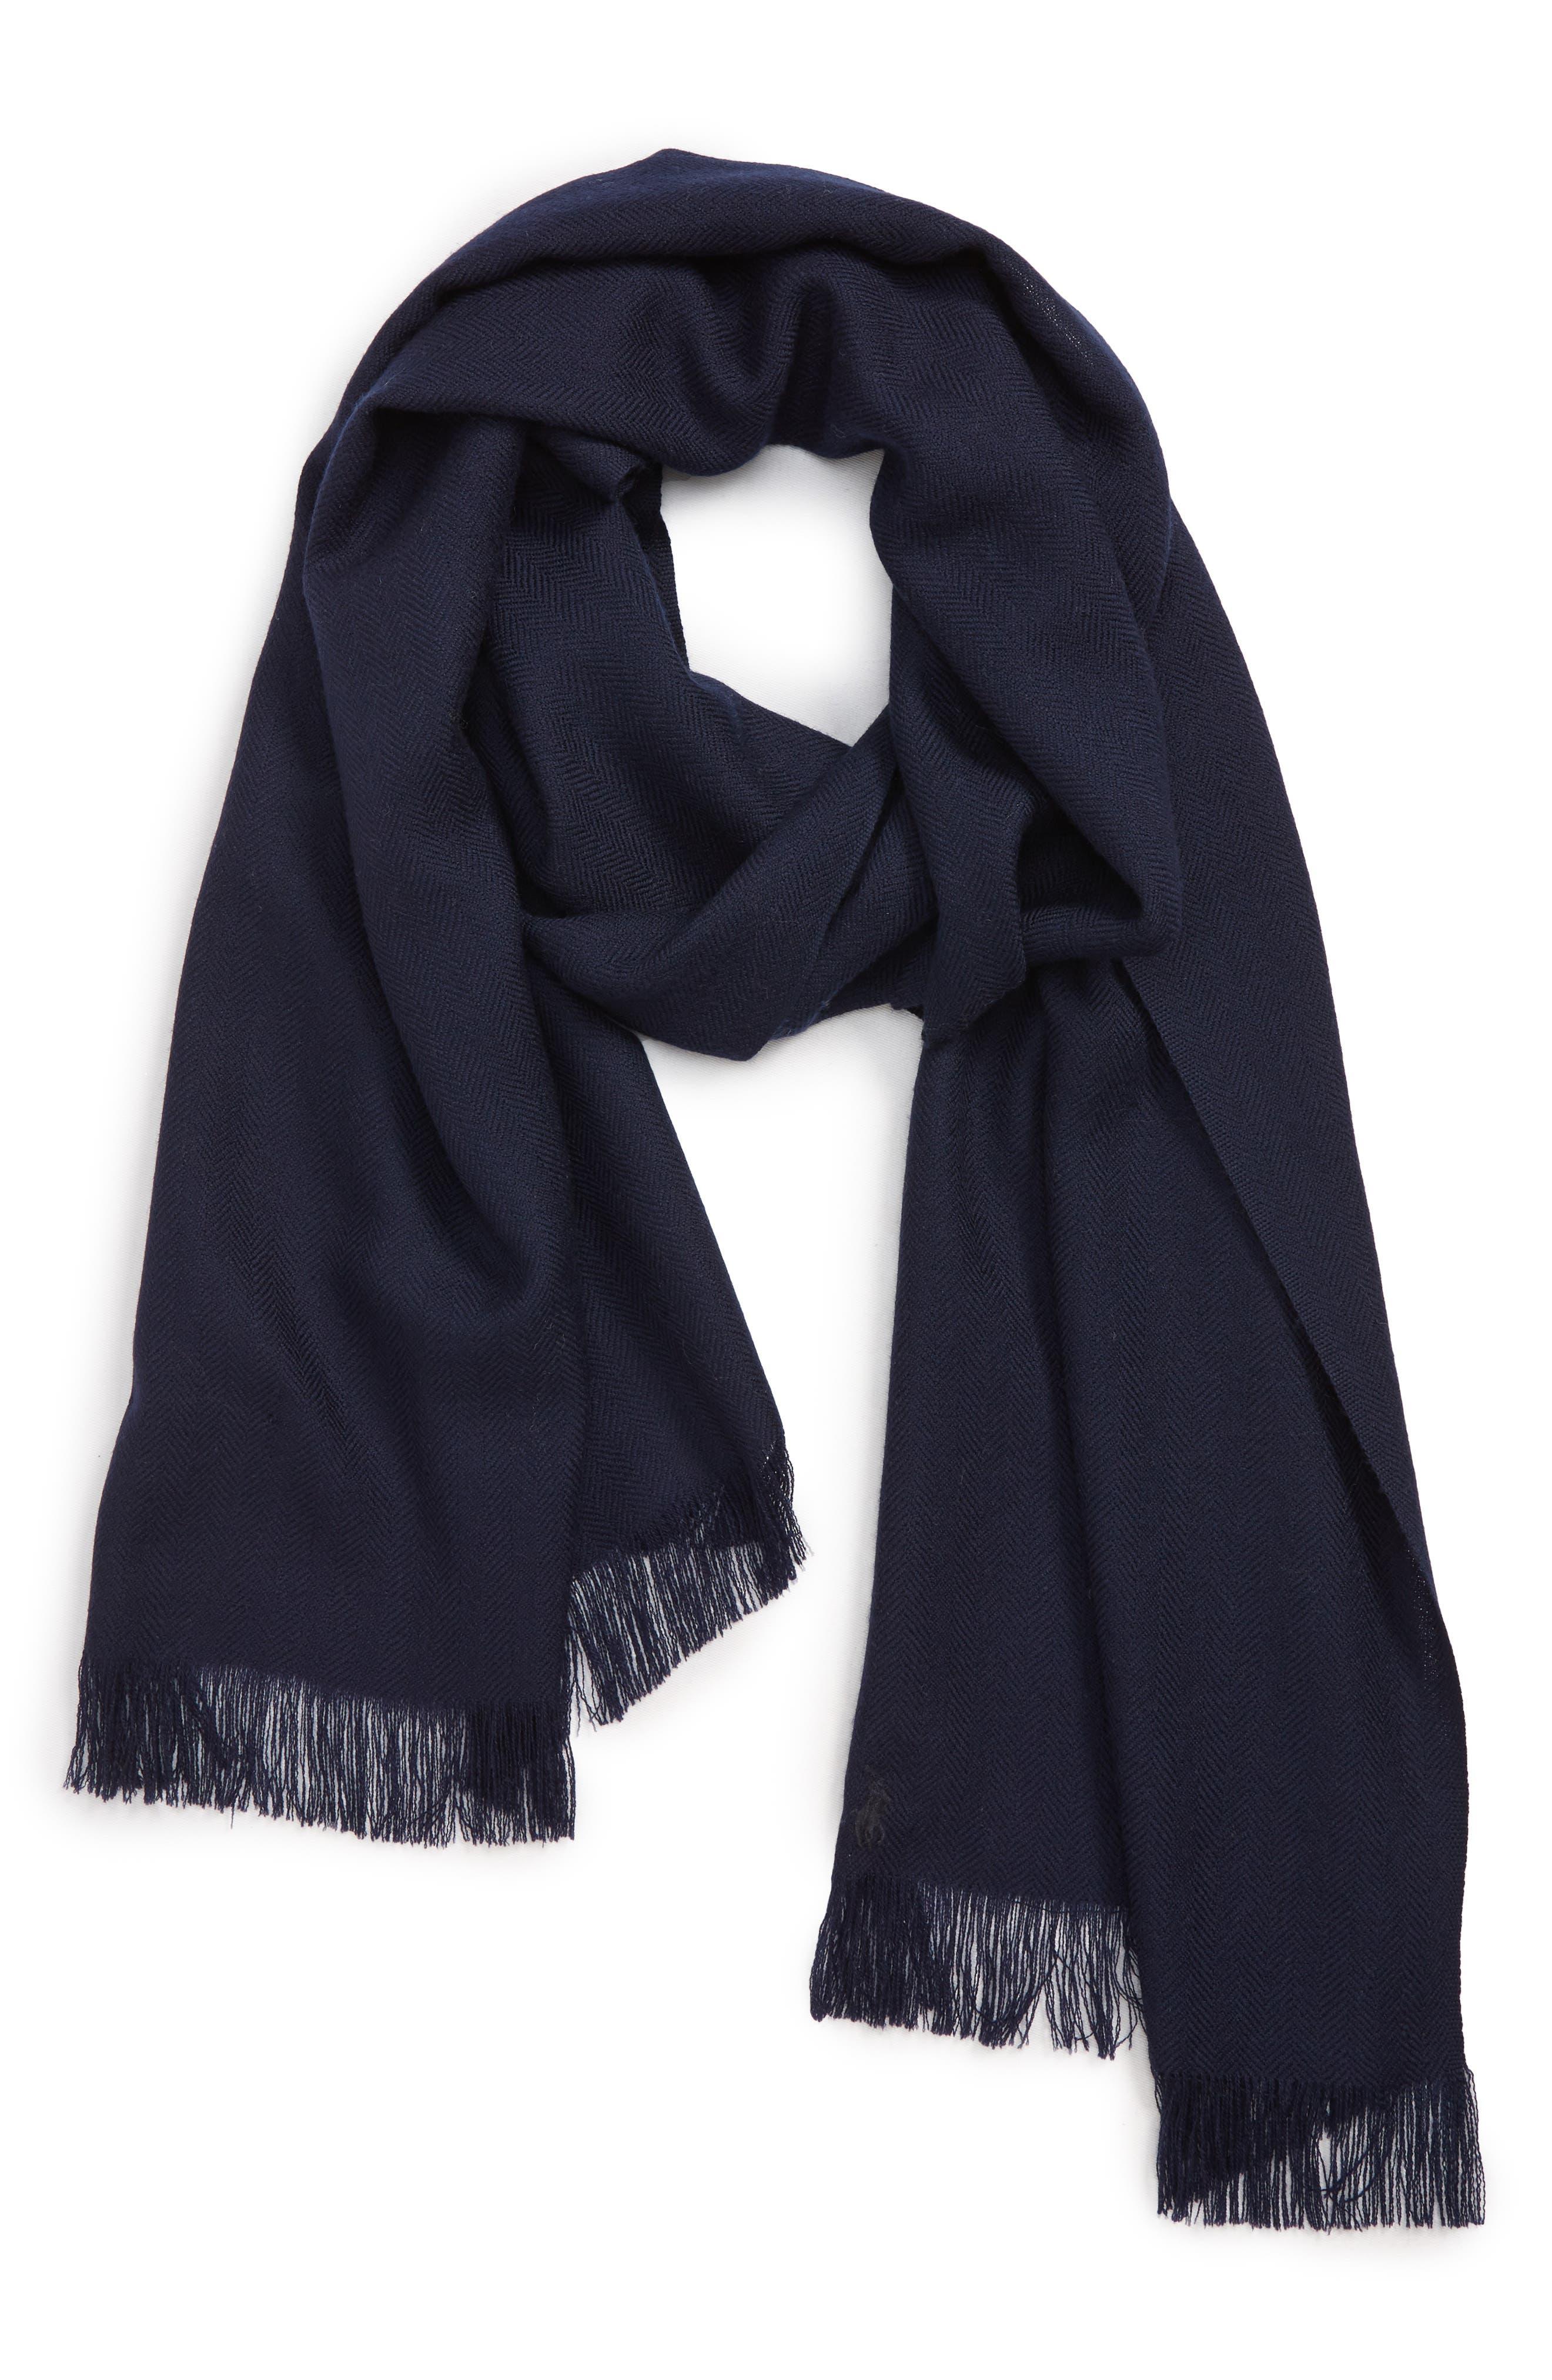 Patterned Merino Wool Scarf,                         Main,                         color, NAVY HERRINGBONE